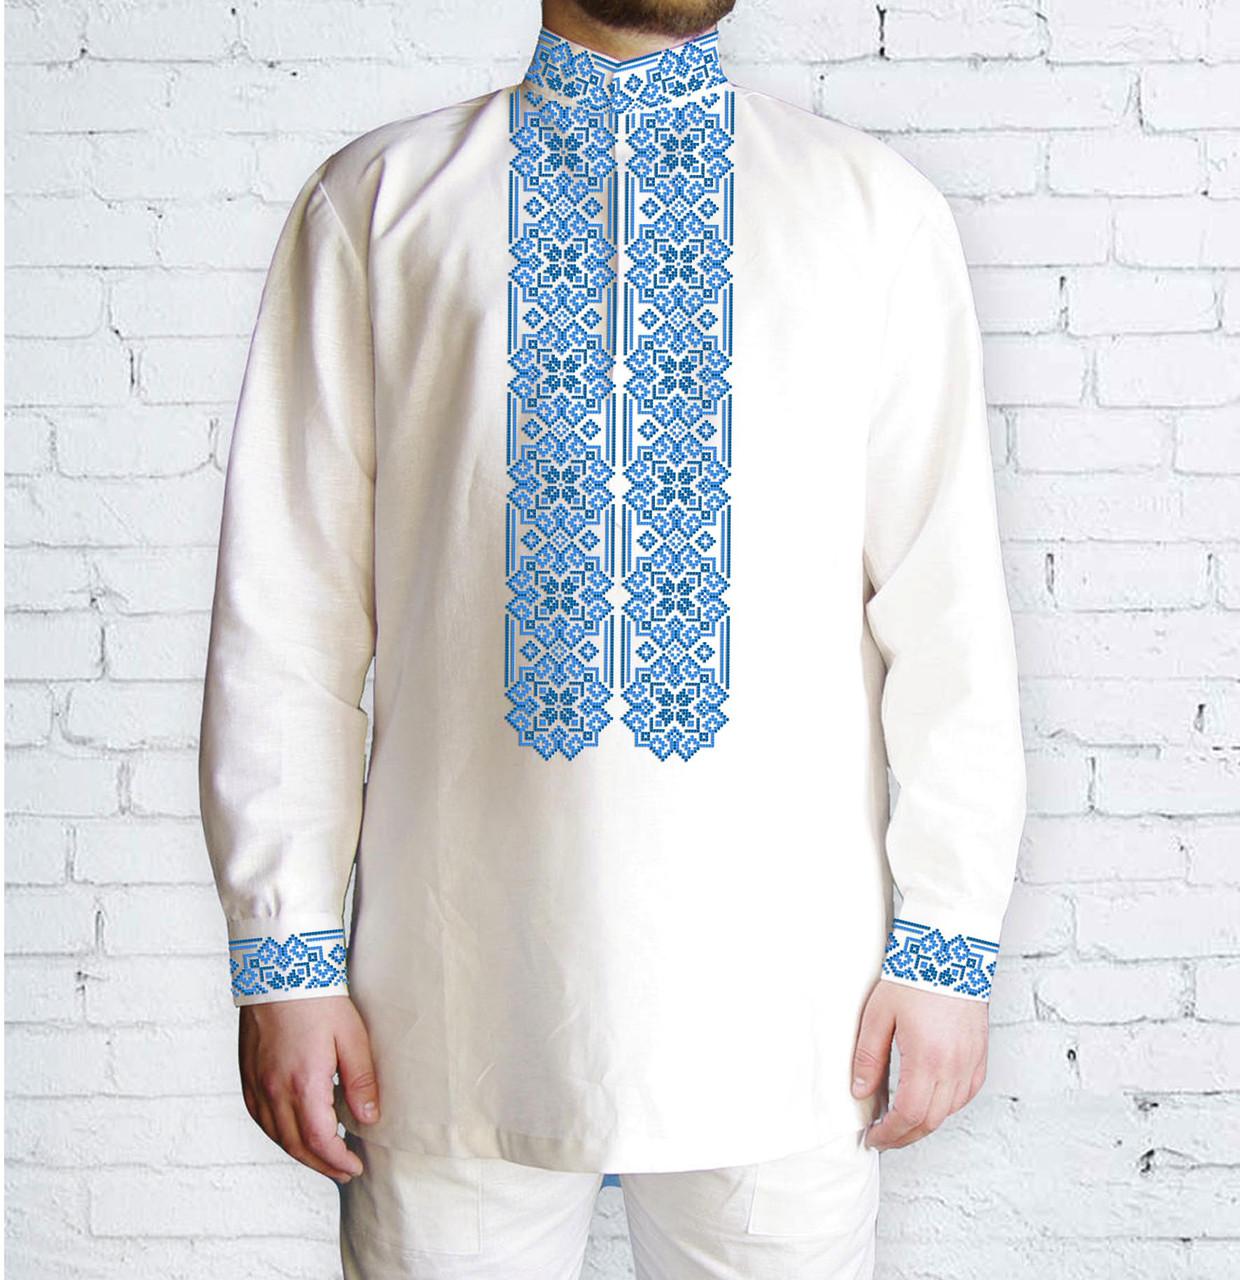 Заготовка чоловічої сорочки та вишиванки для вишивки чи вишивання бісером Бисерок «Орнамент 531 Г» (Ч-531  Г  )